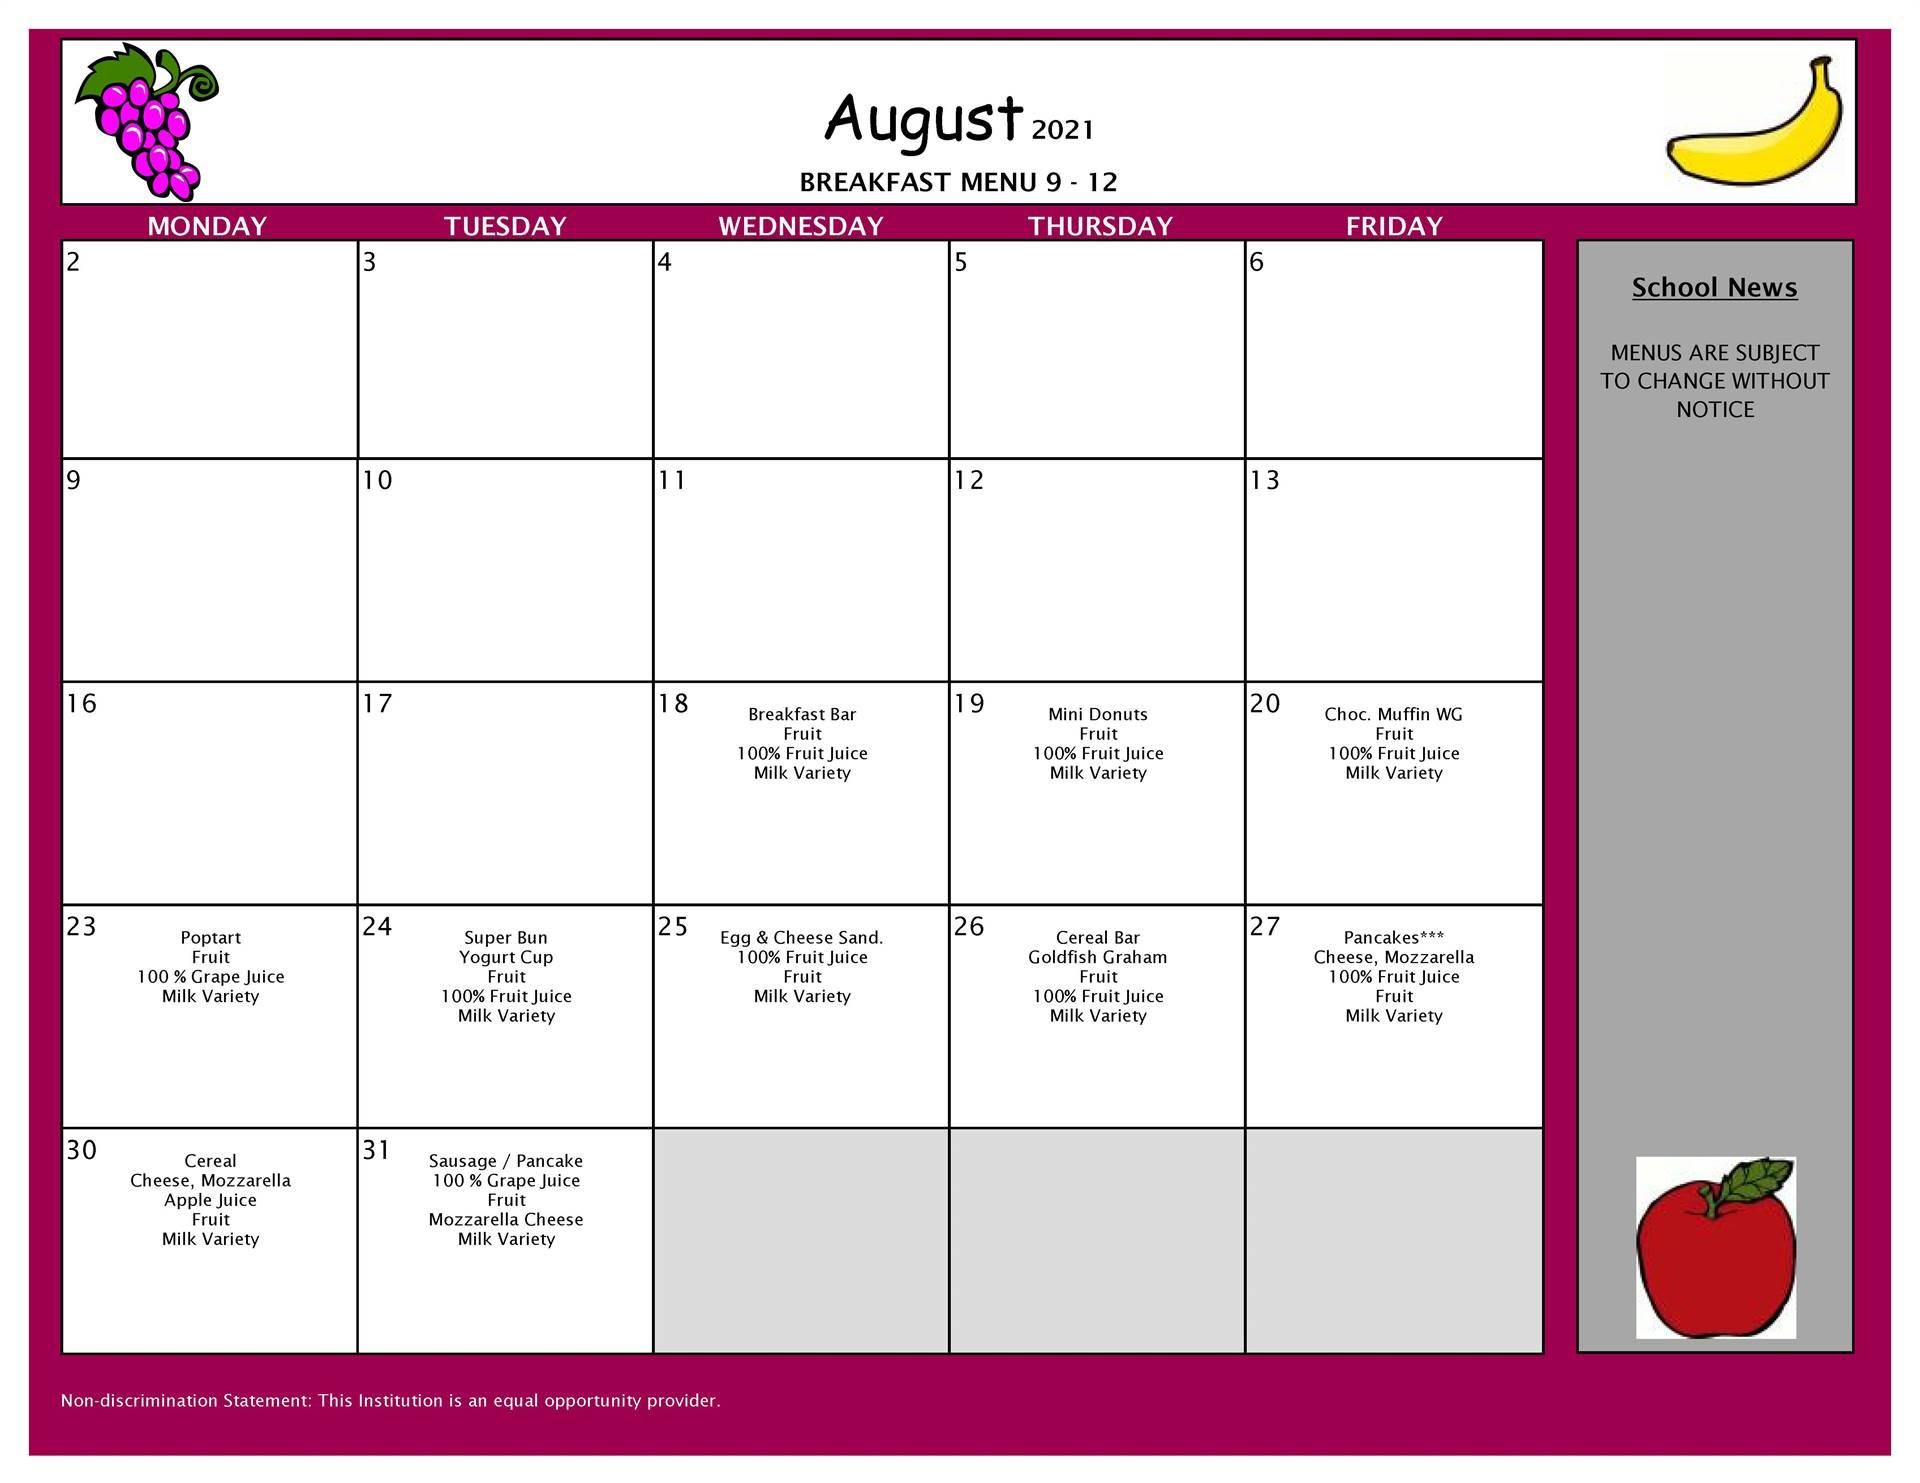 August Breakfast  Menu 9-12